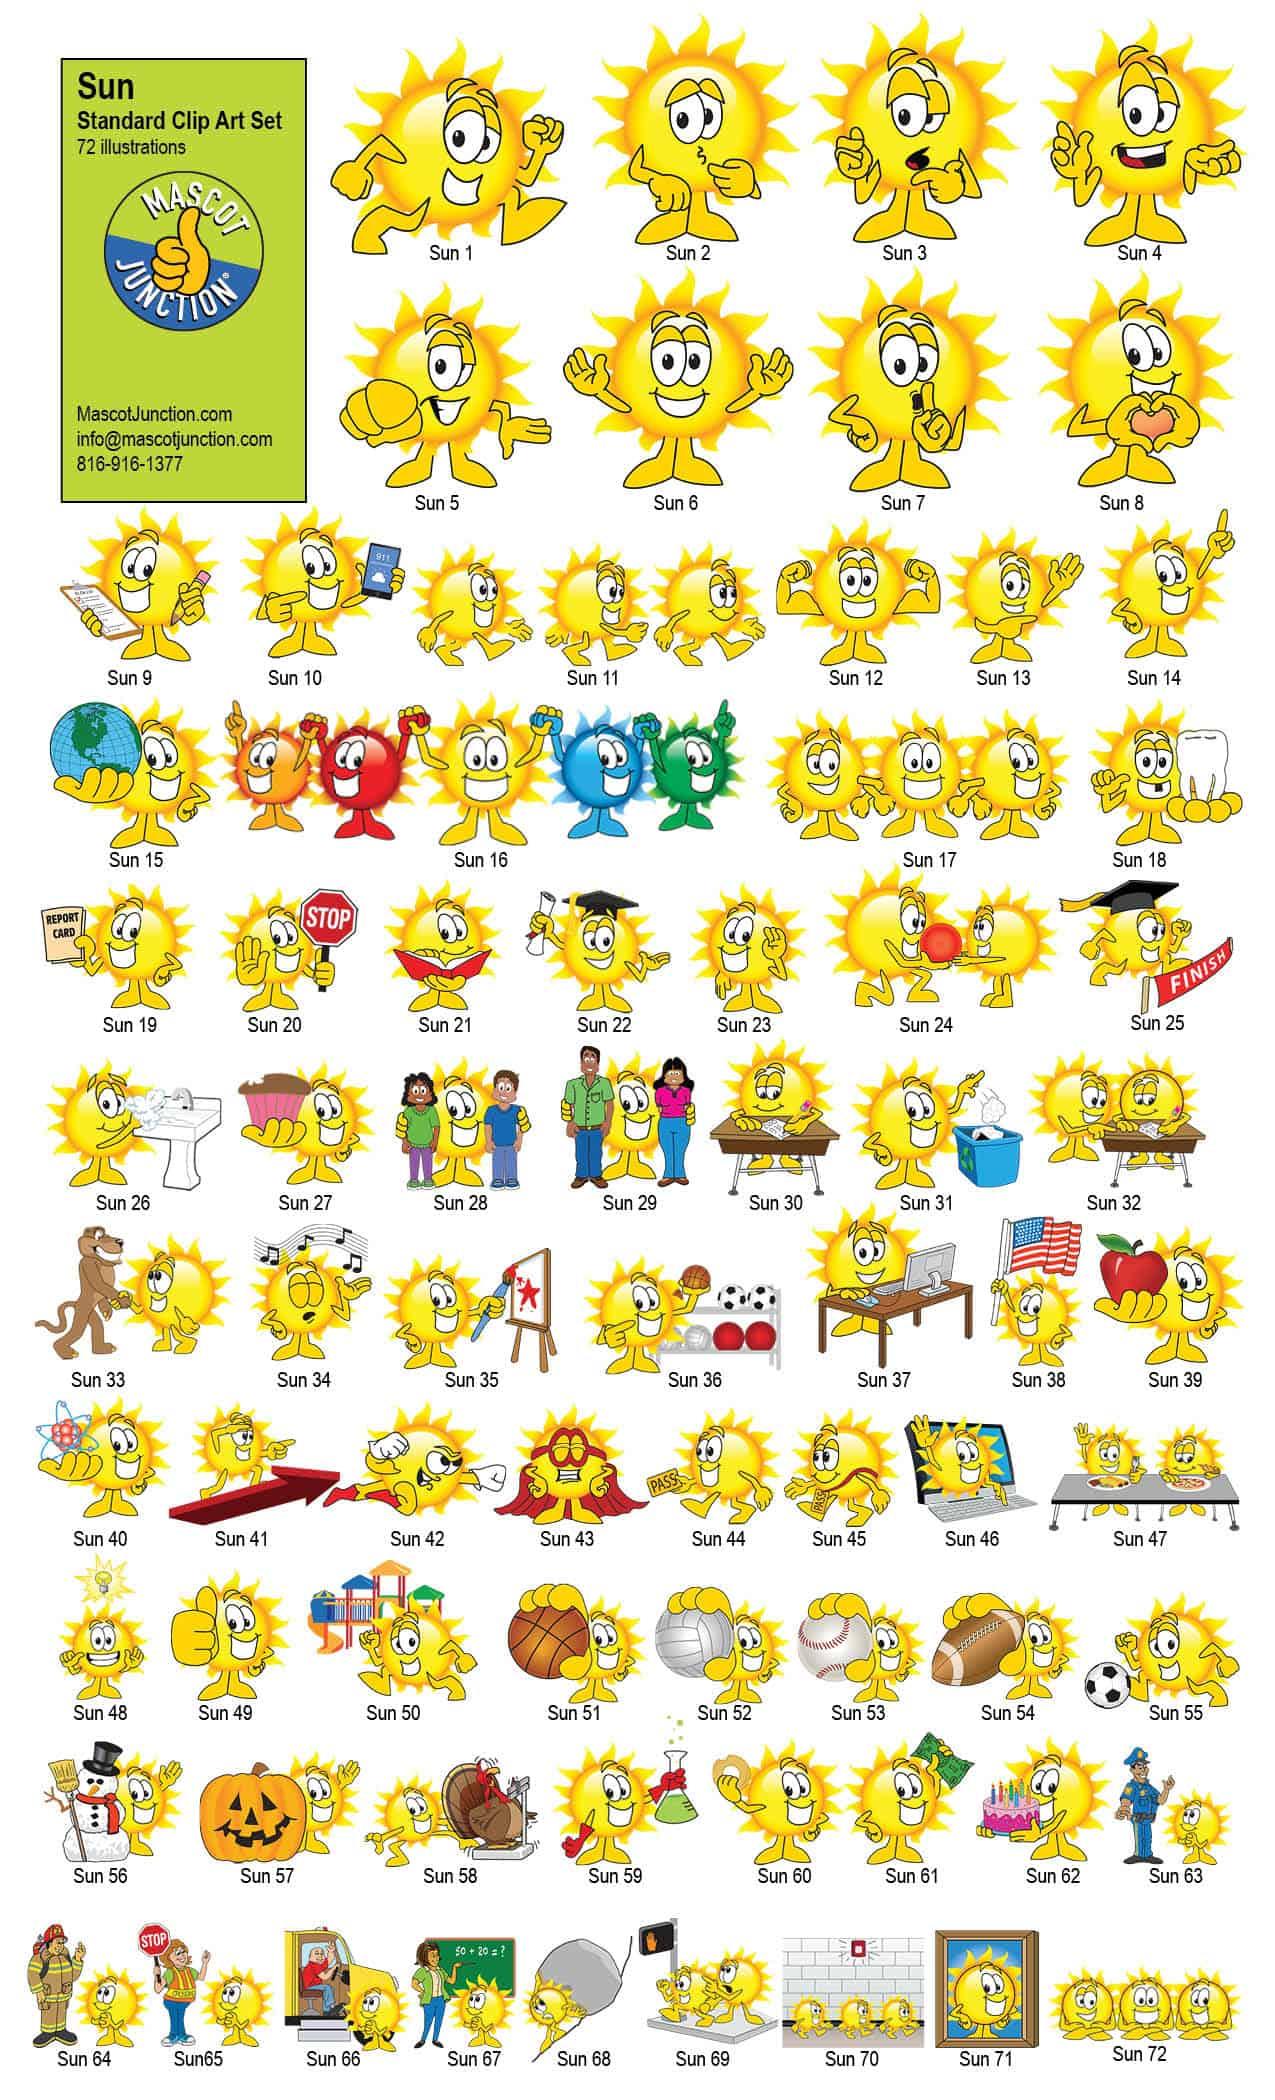 Sun Mascot Clip Art